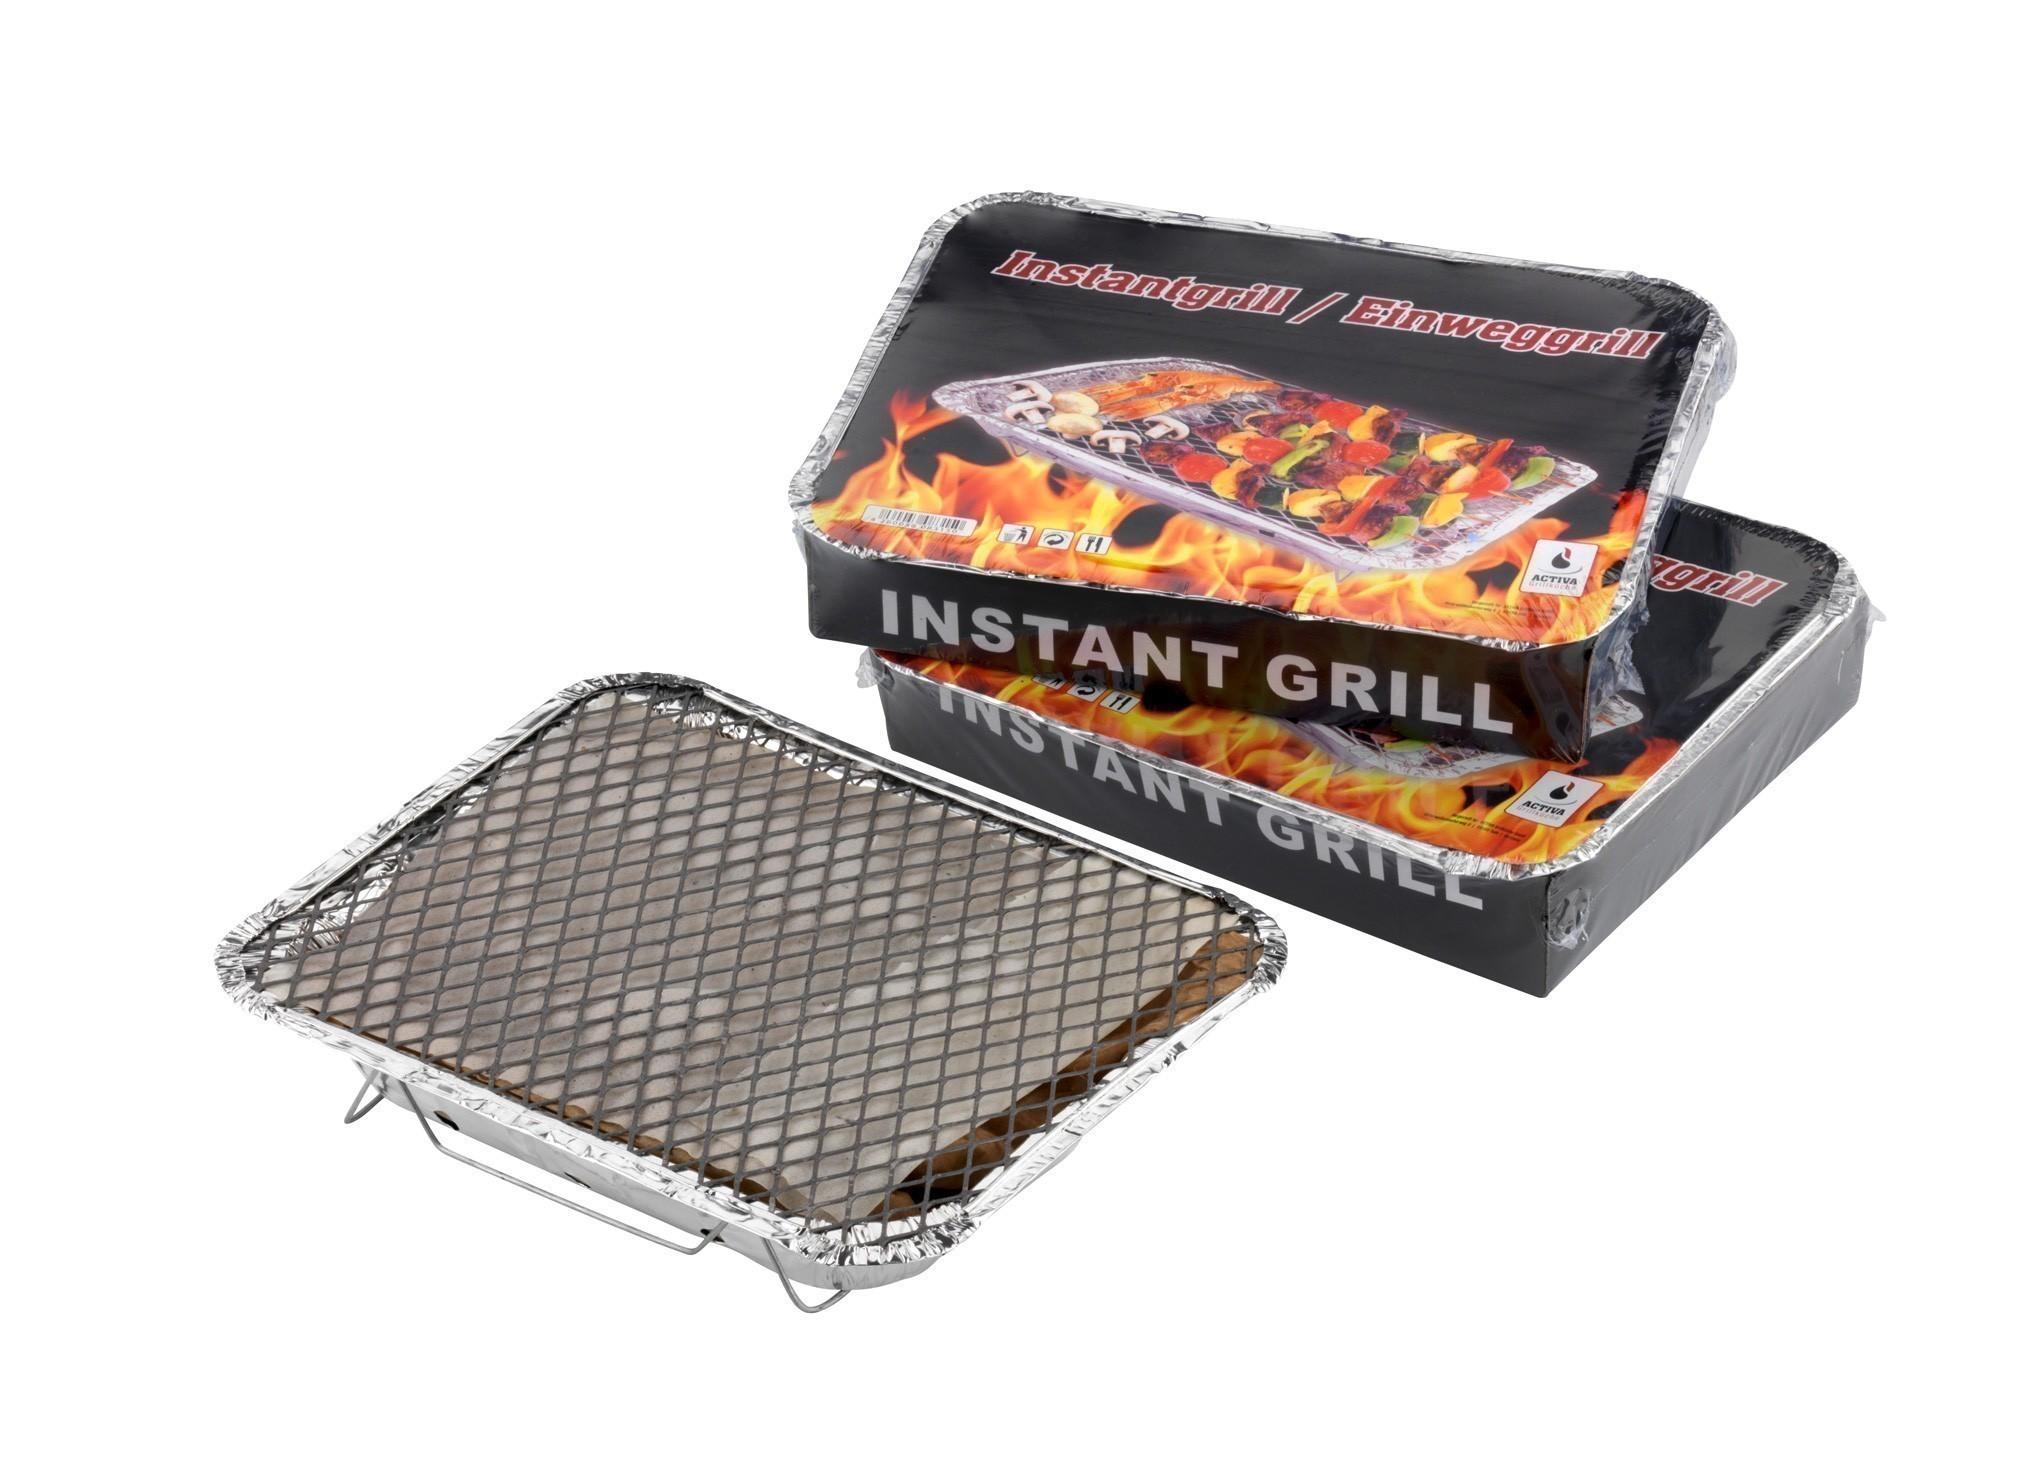 activa grillküche einweggrill / picknick-grill 29x22cm - bei